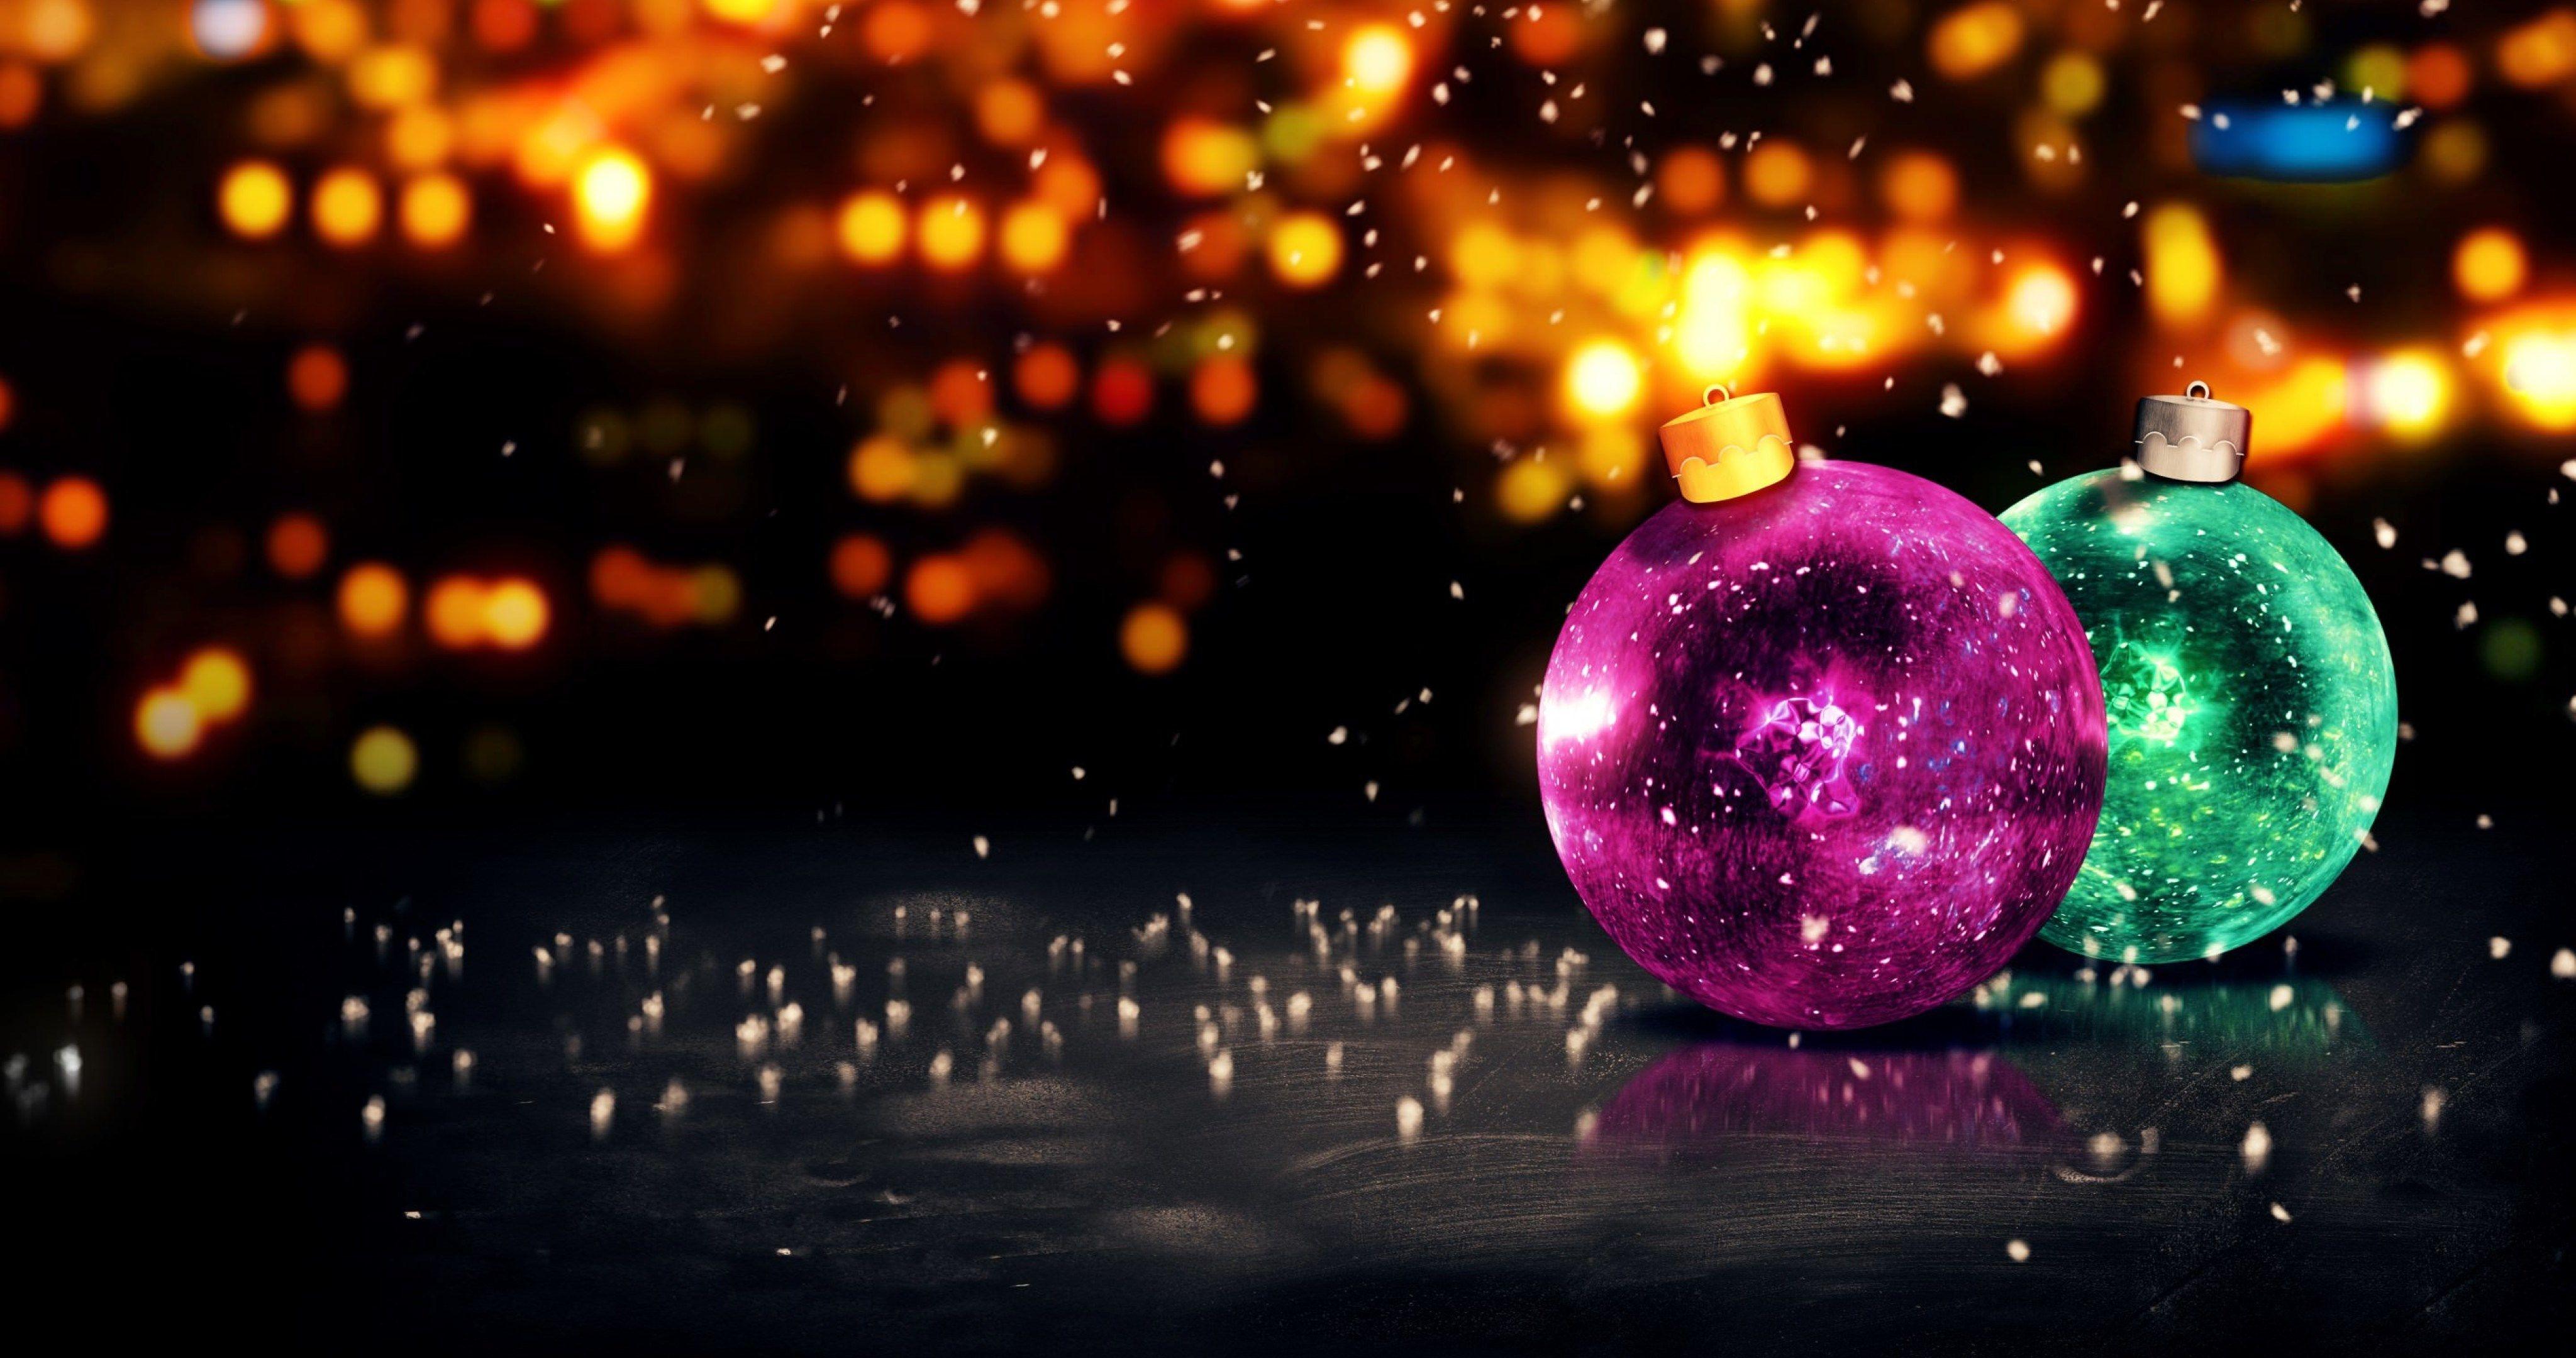 merry christmas balls wallpaper 4k ultra hd wallpaper Merry 4096x2160